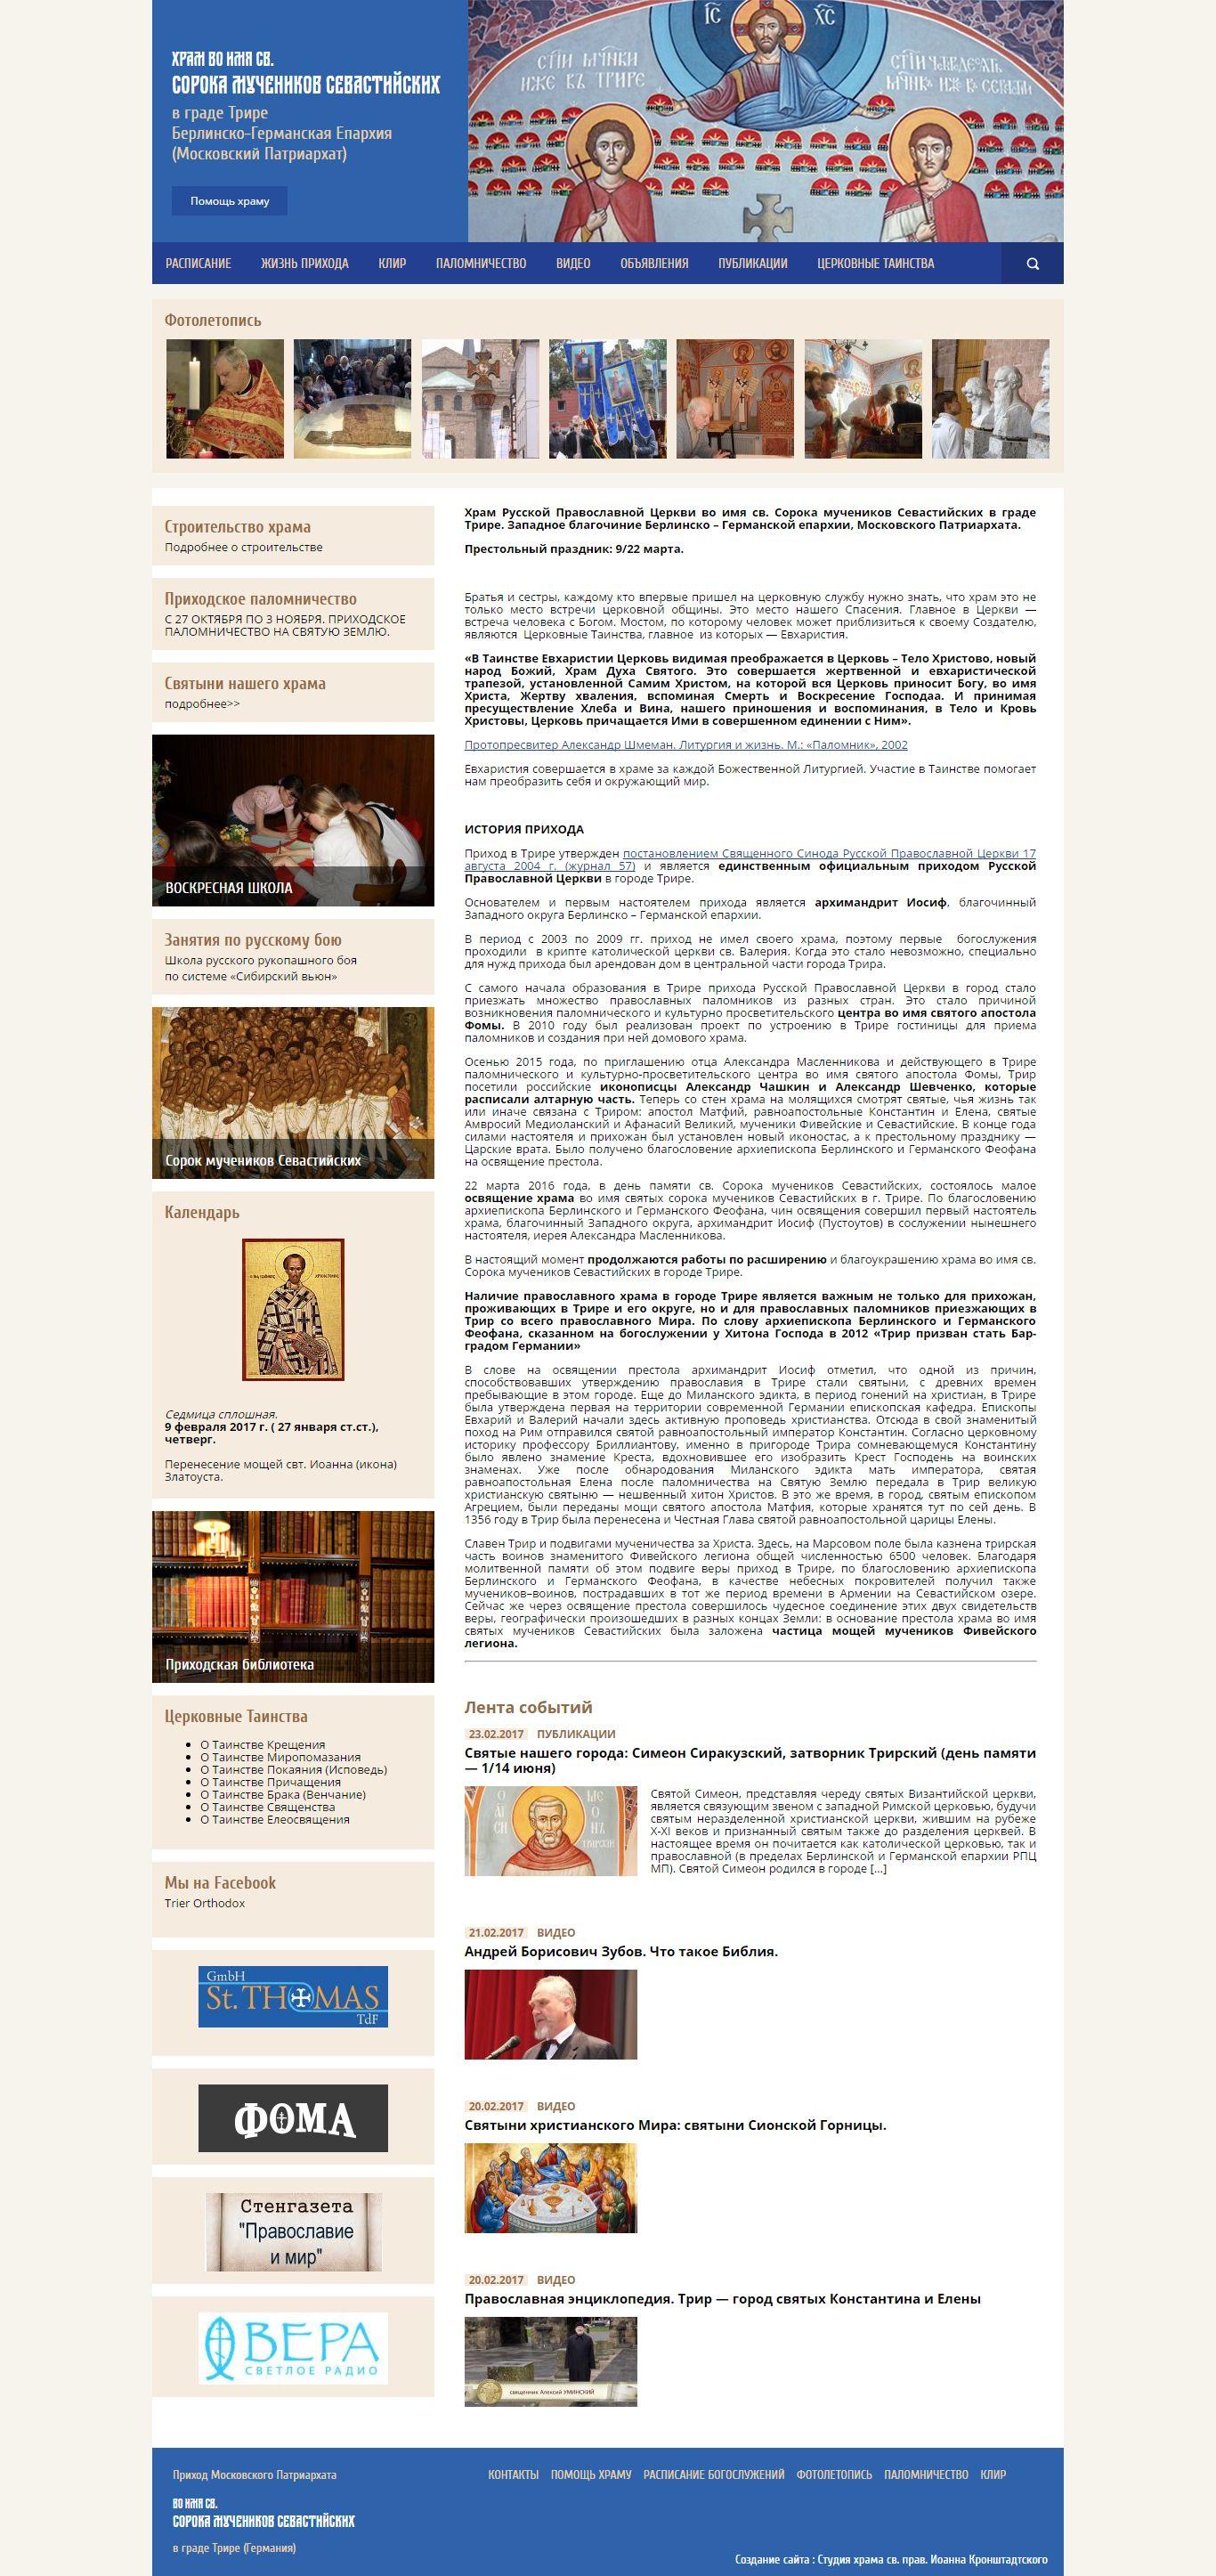 Приход во имя св. сорока мучеников Севастийских в Трире